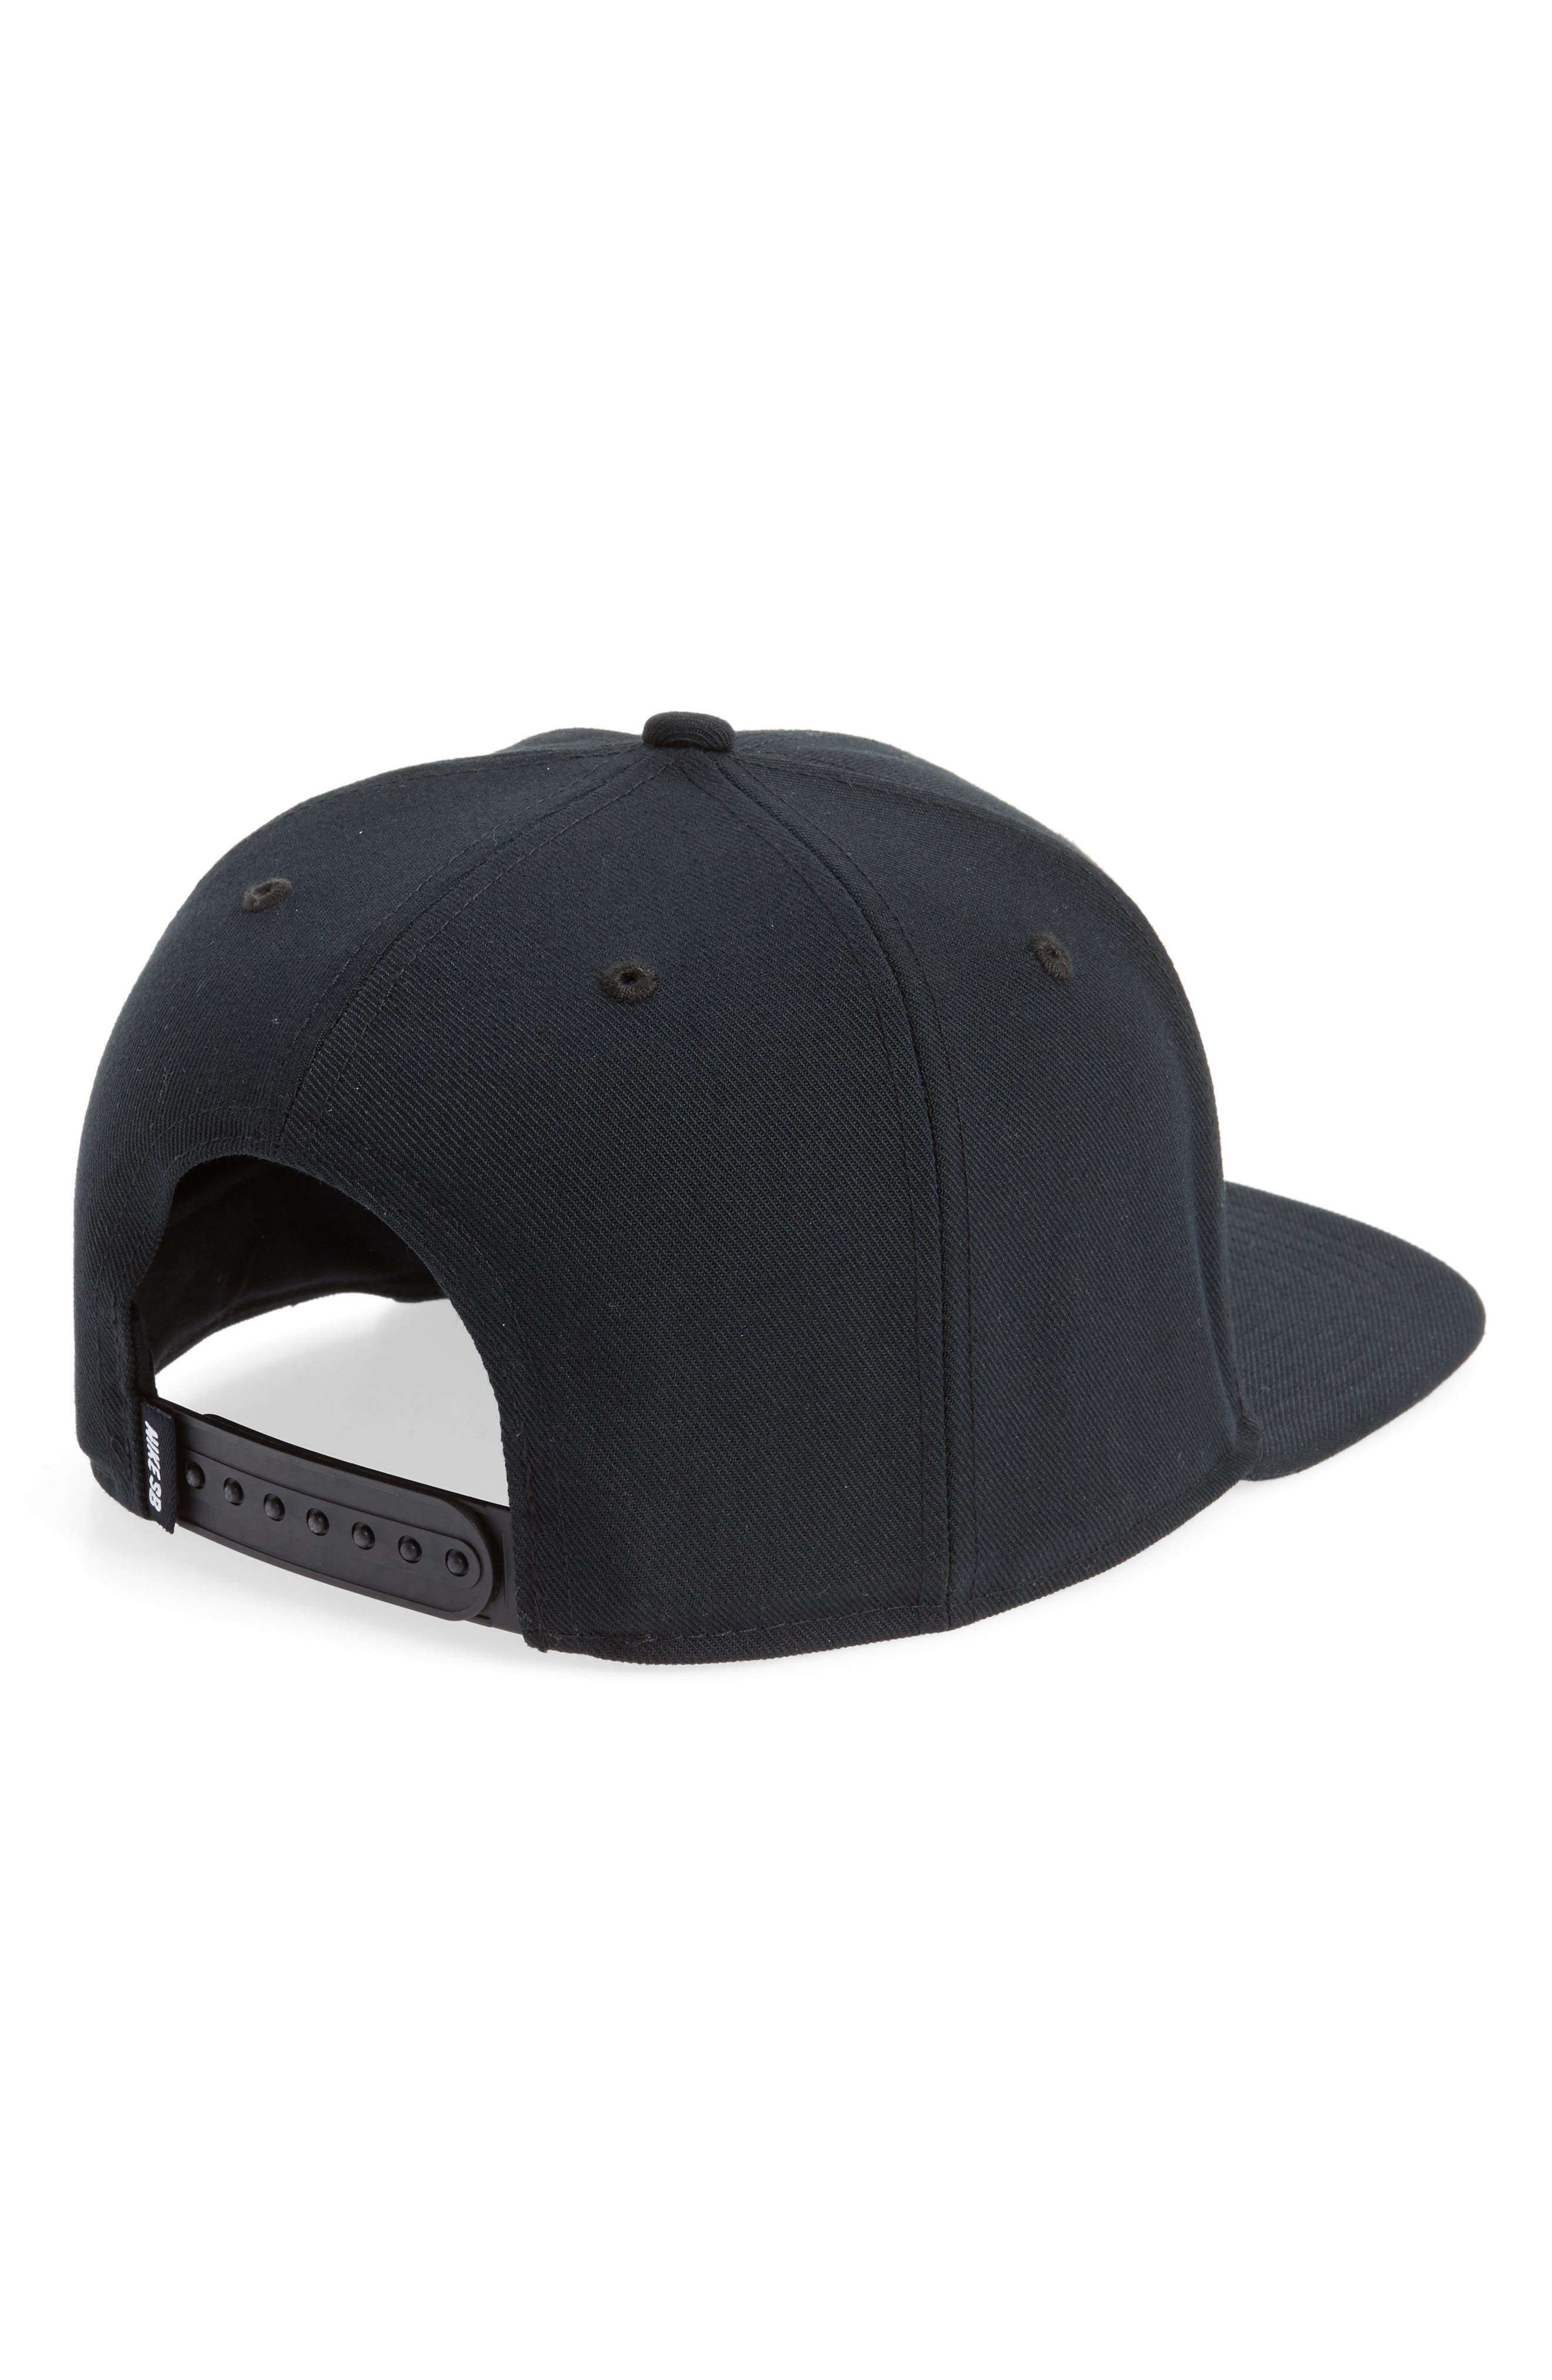 Nike Pro Snapback Baseball Cap,                             Alternate thumbnail 2, color,                             Black/ Black/ Black/ White